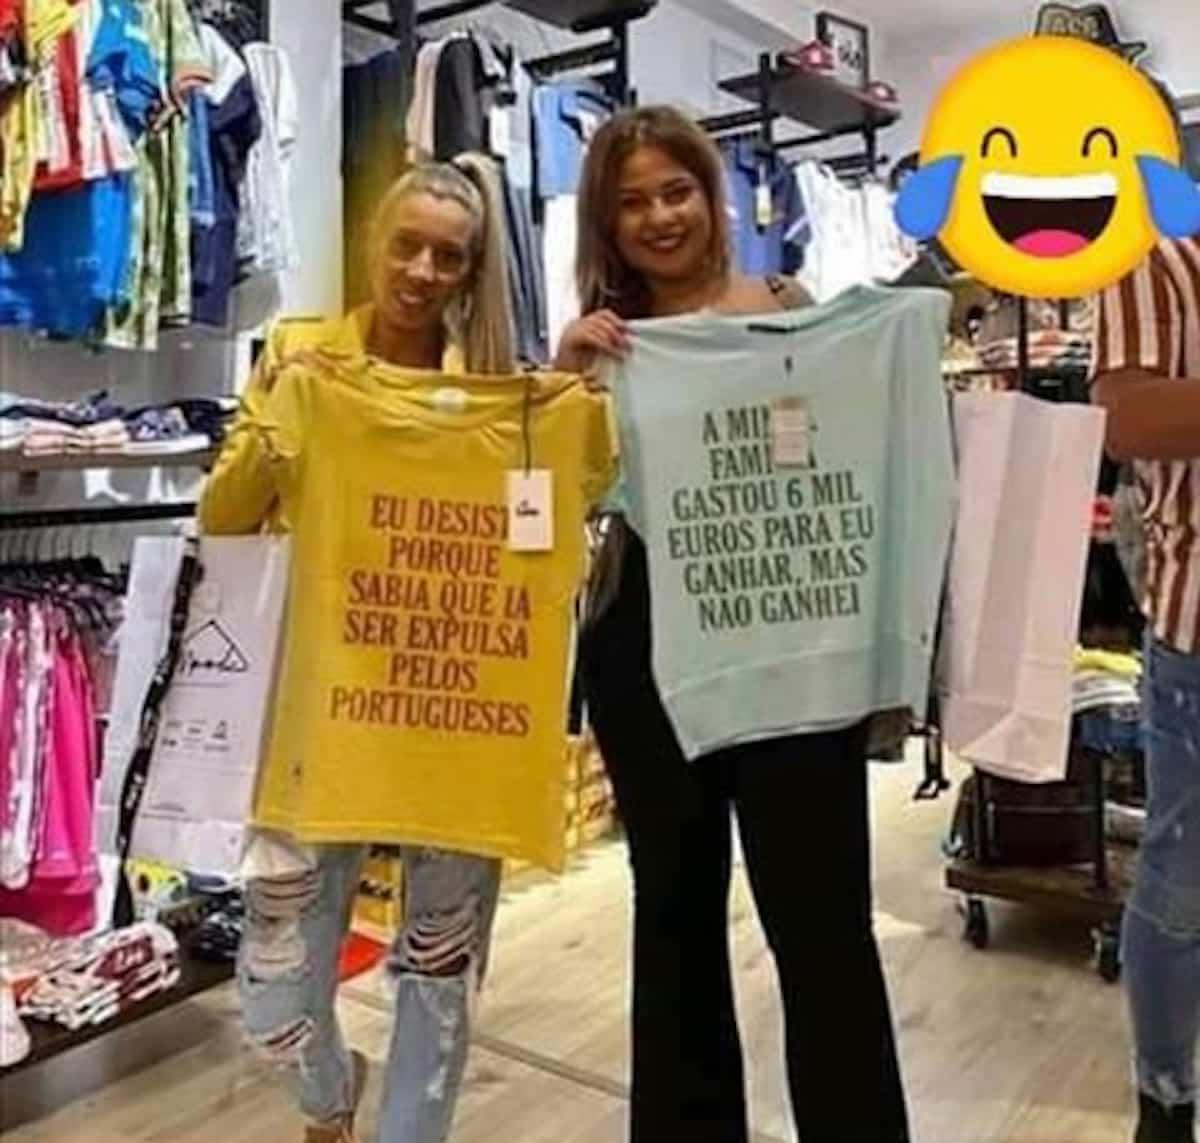 Sonia-Sandrina-big-brother-Tshirts